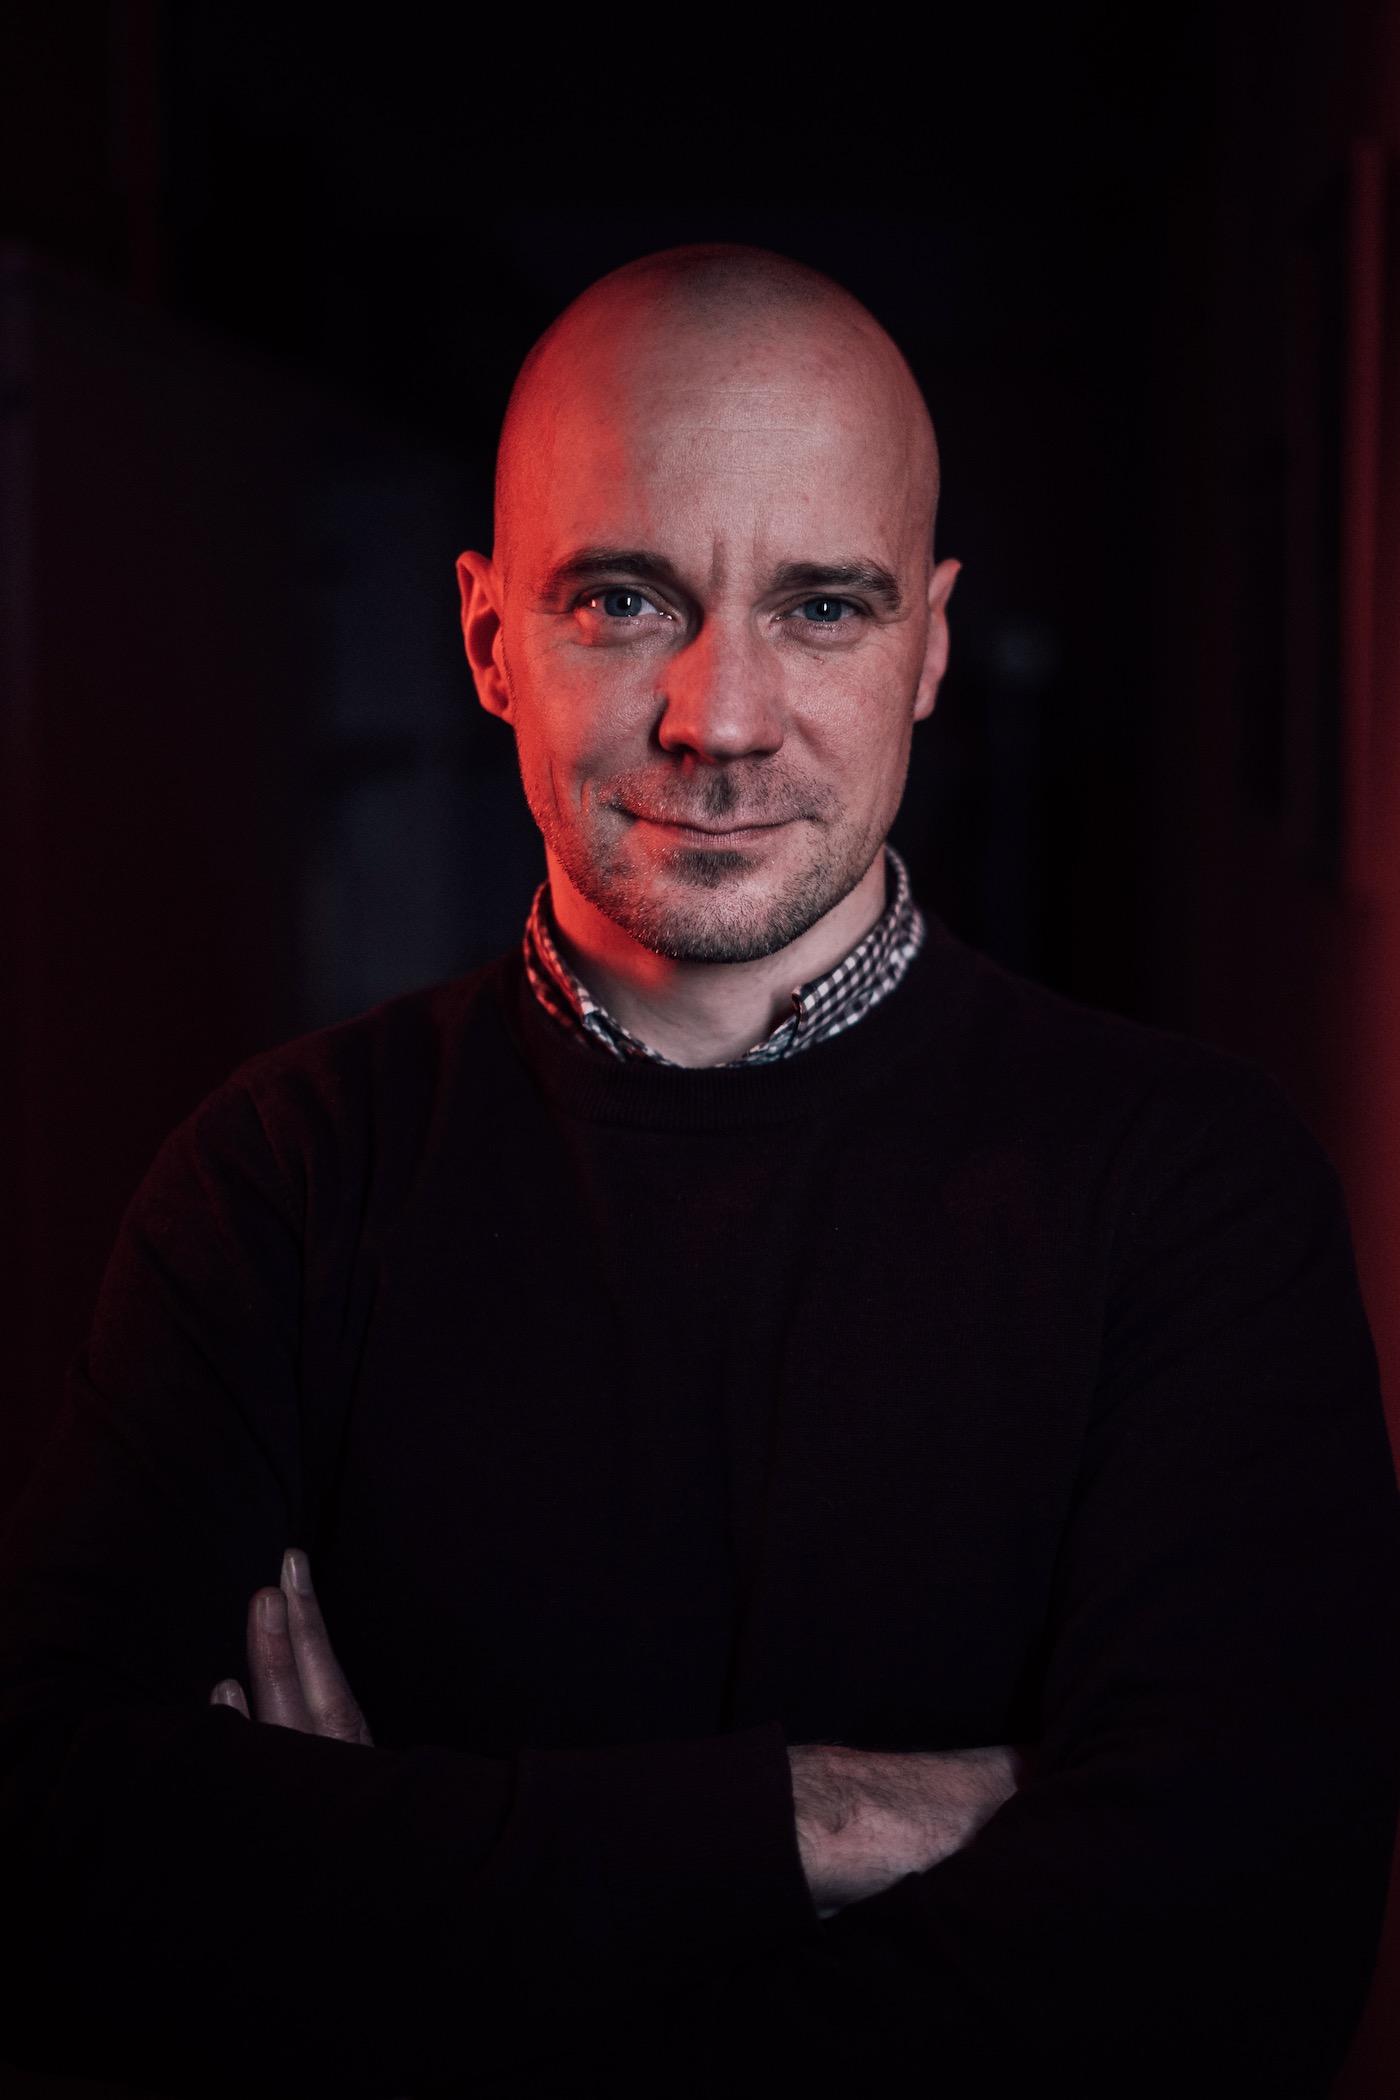 Fabian Wichmann arbeitet für die Ausstiegsinitiative Exit.